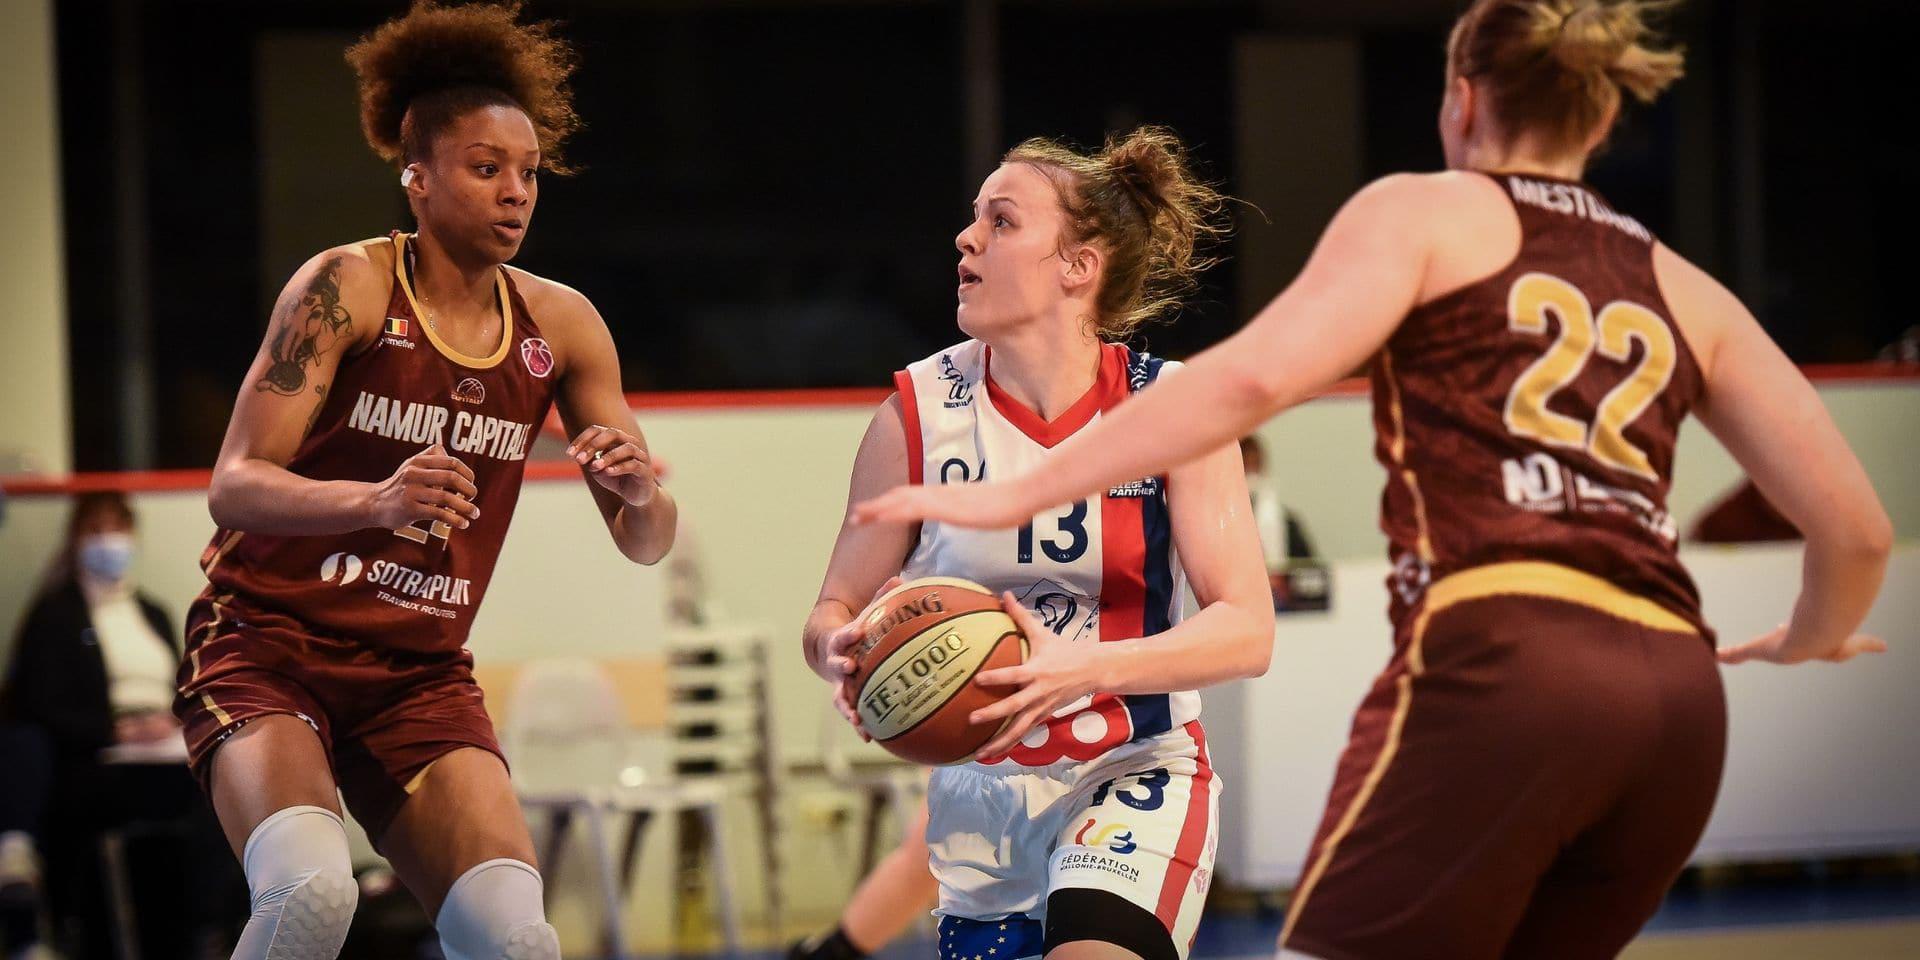 Basket: Battues à Namur, les Panthers défieront Braine jeudi en demi-finale des playoffs